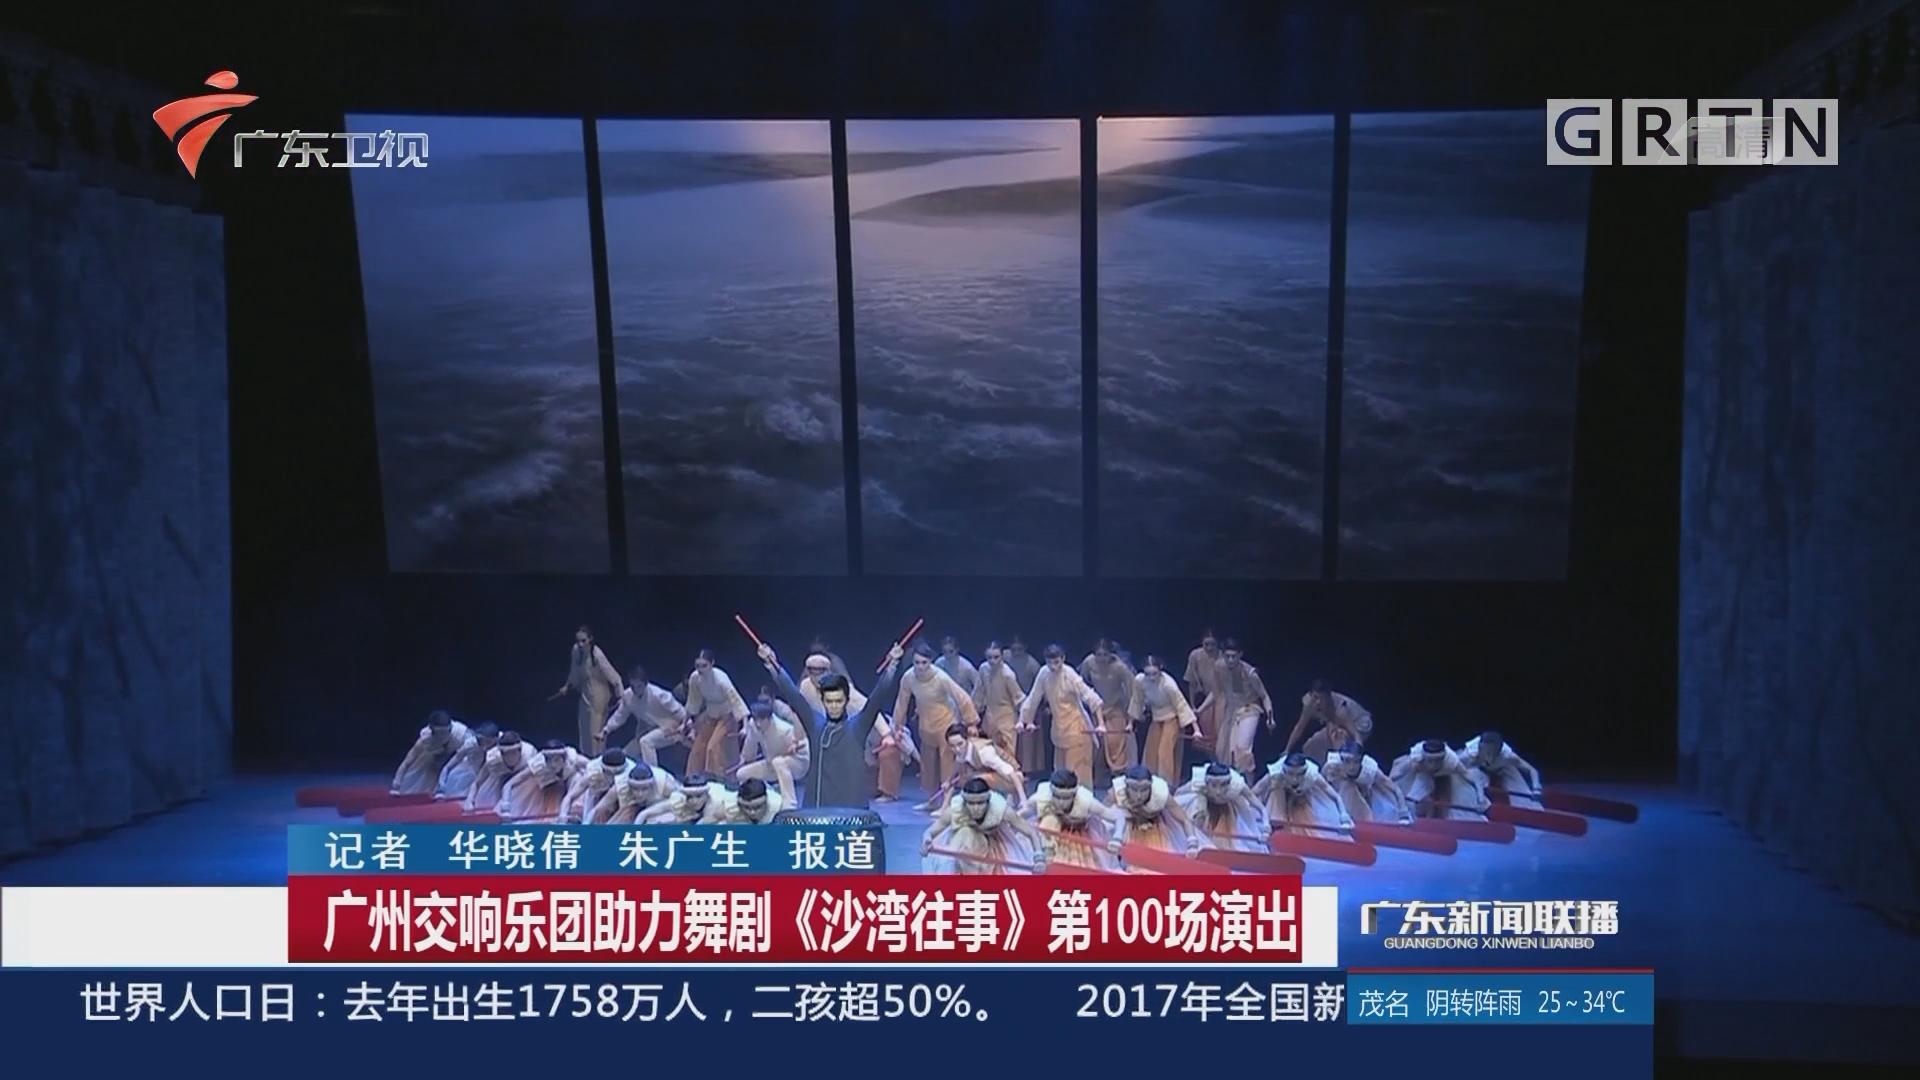 广州交响乐团助力舞剧 《沙湾往事》第100场演出